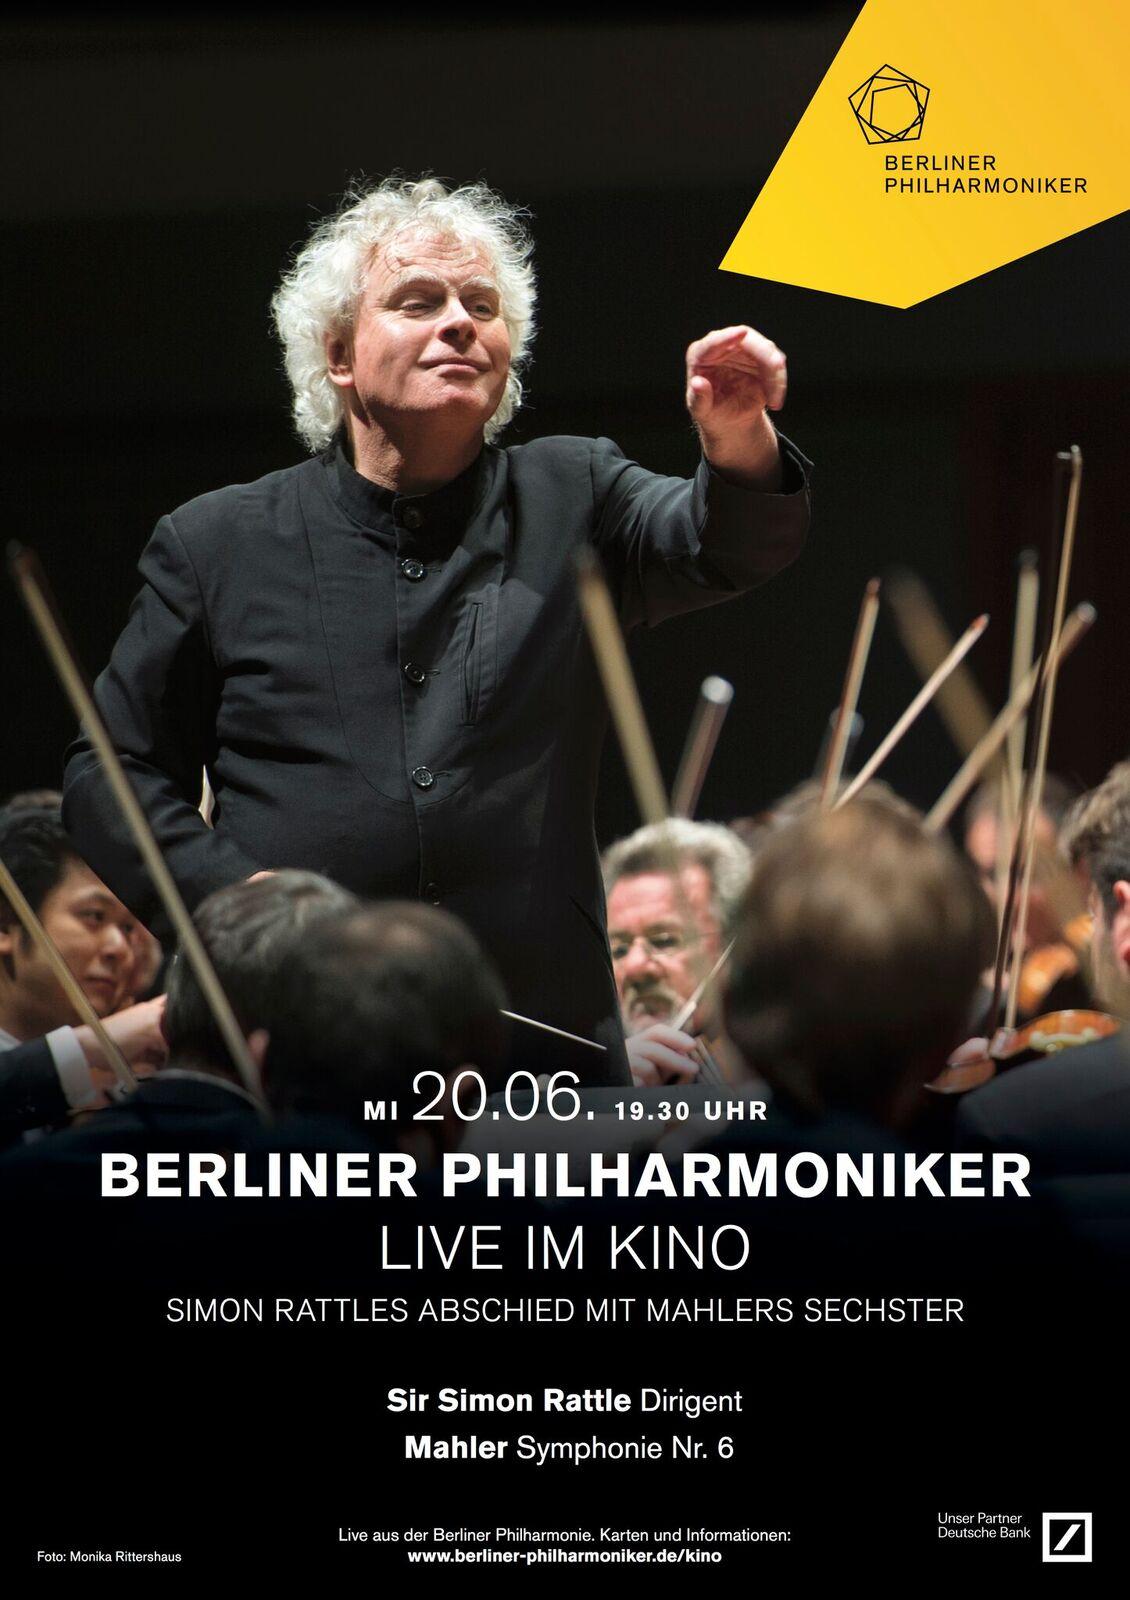 Berliner Philharmoniker: Sir Simon Rattles Abschied von der Philharmonie